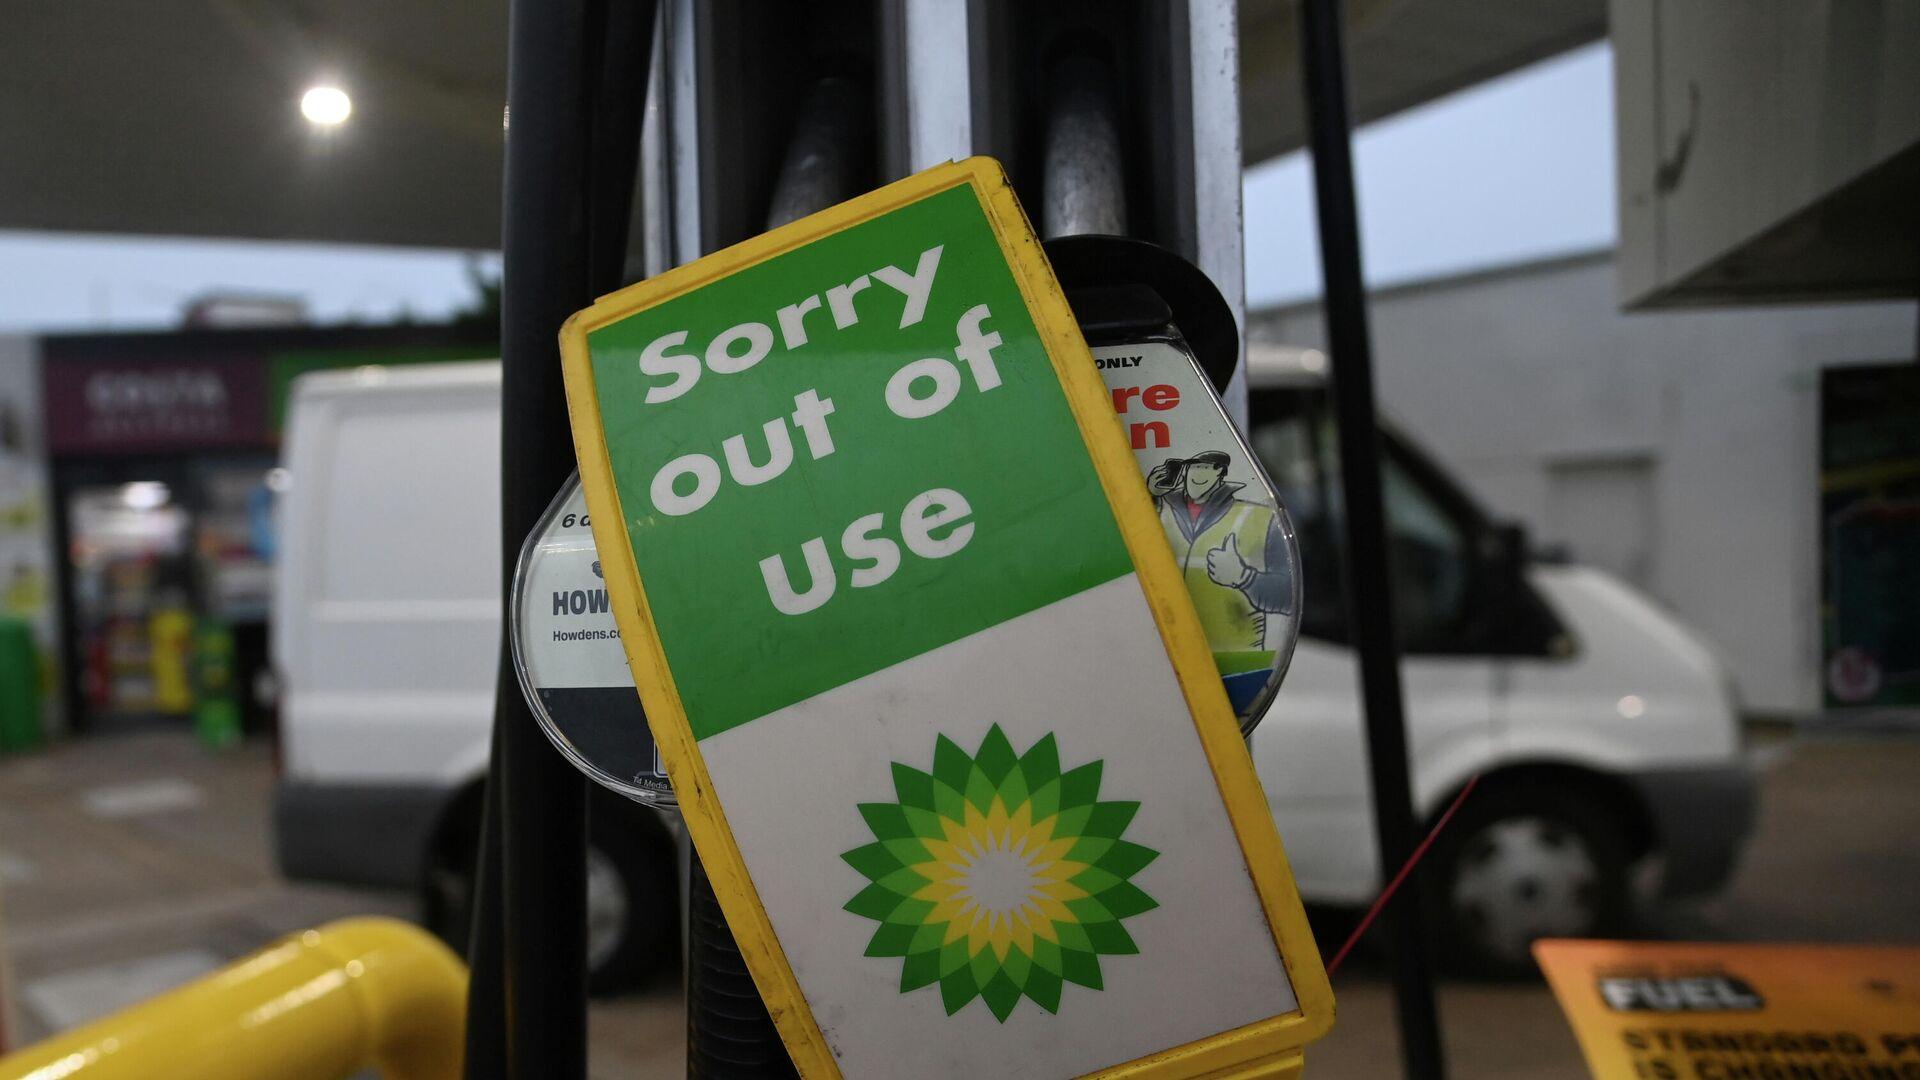 UK petrol pump is out of action - Sputnik International, 1920, 28.09.2021